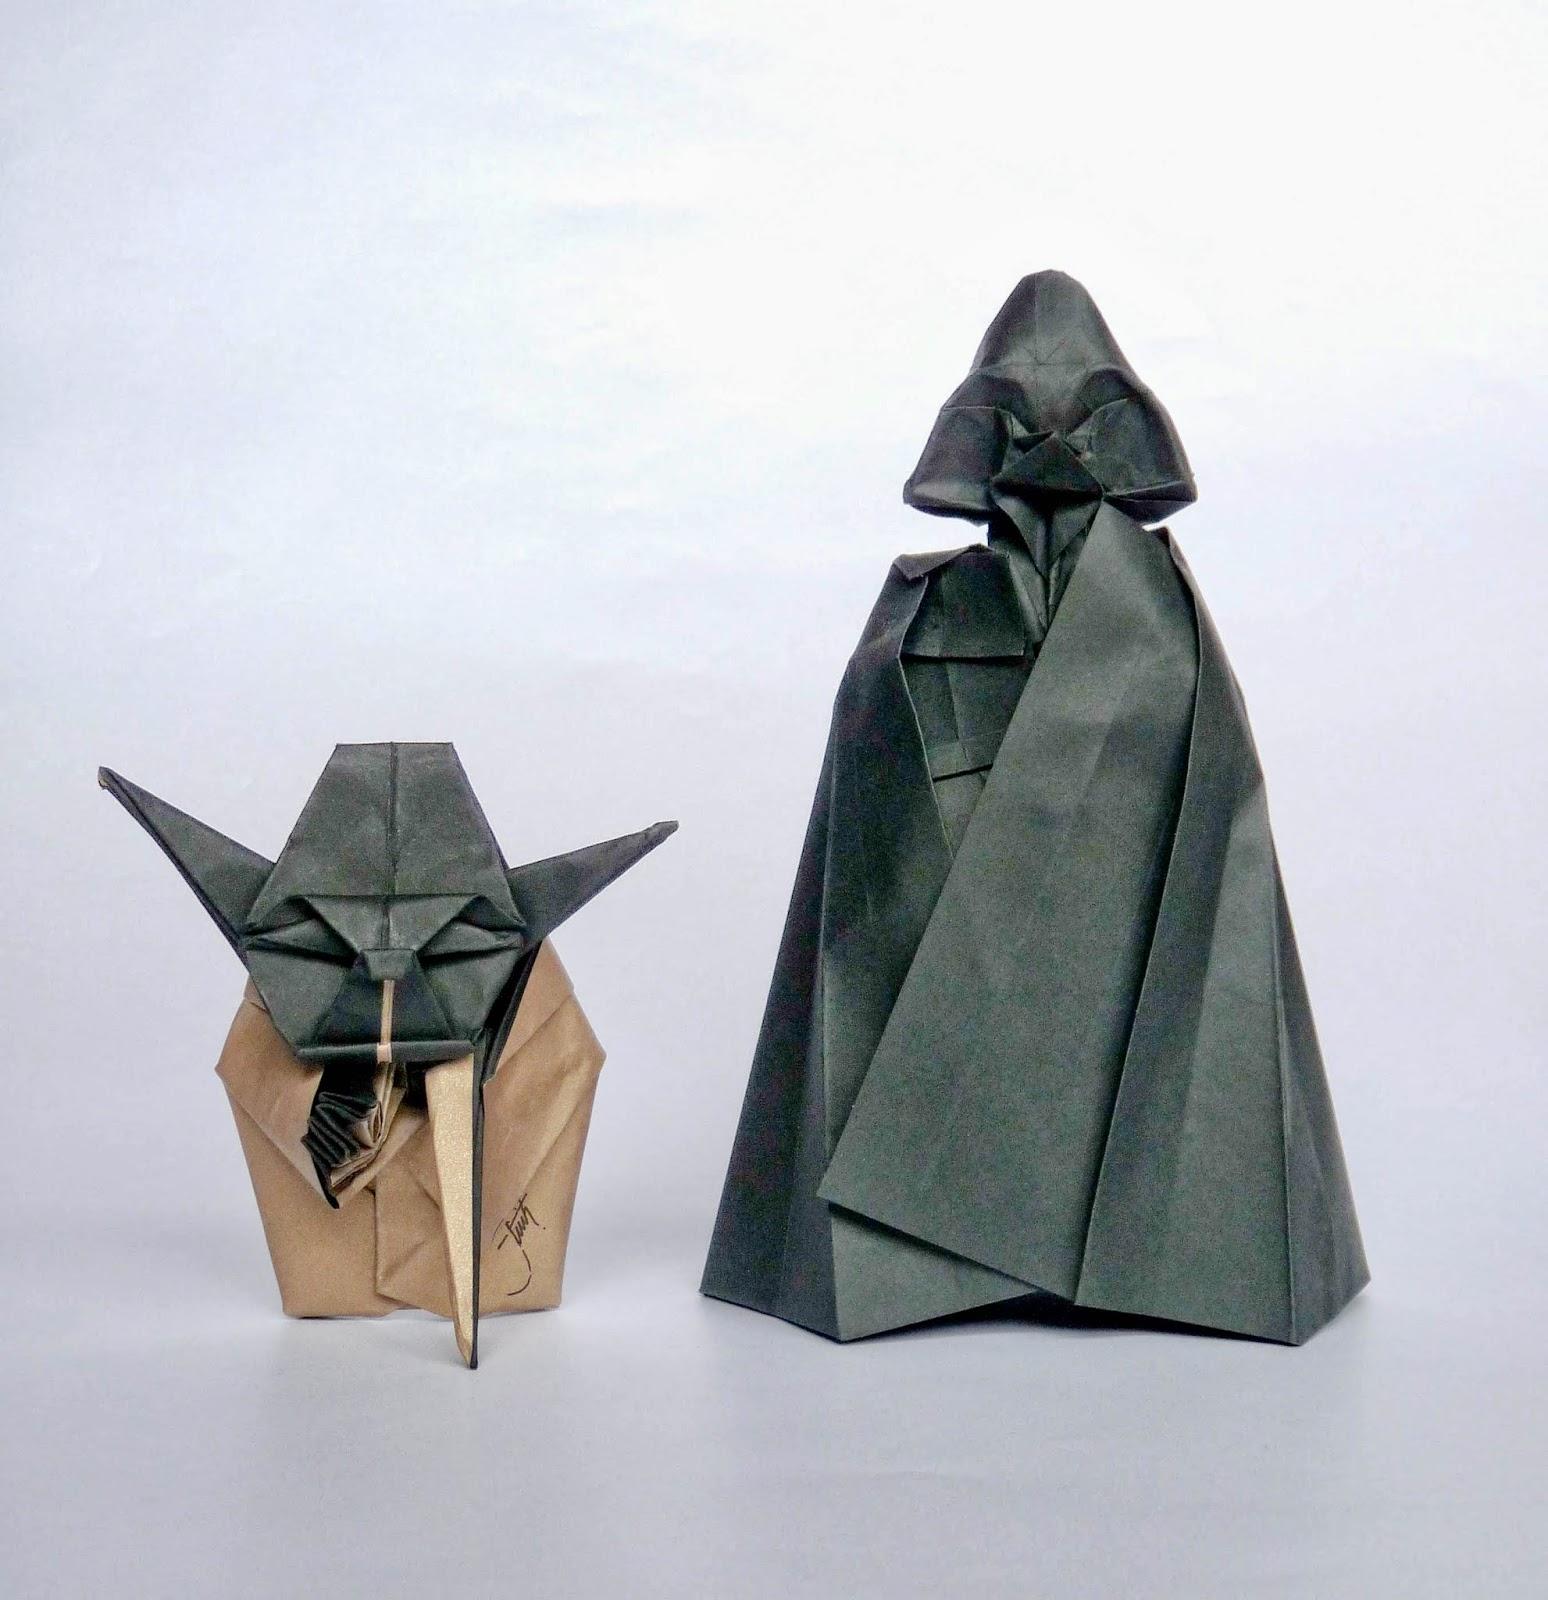 DIS.MITH: Darth Vader origami-star wars - photo#7